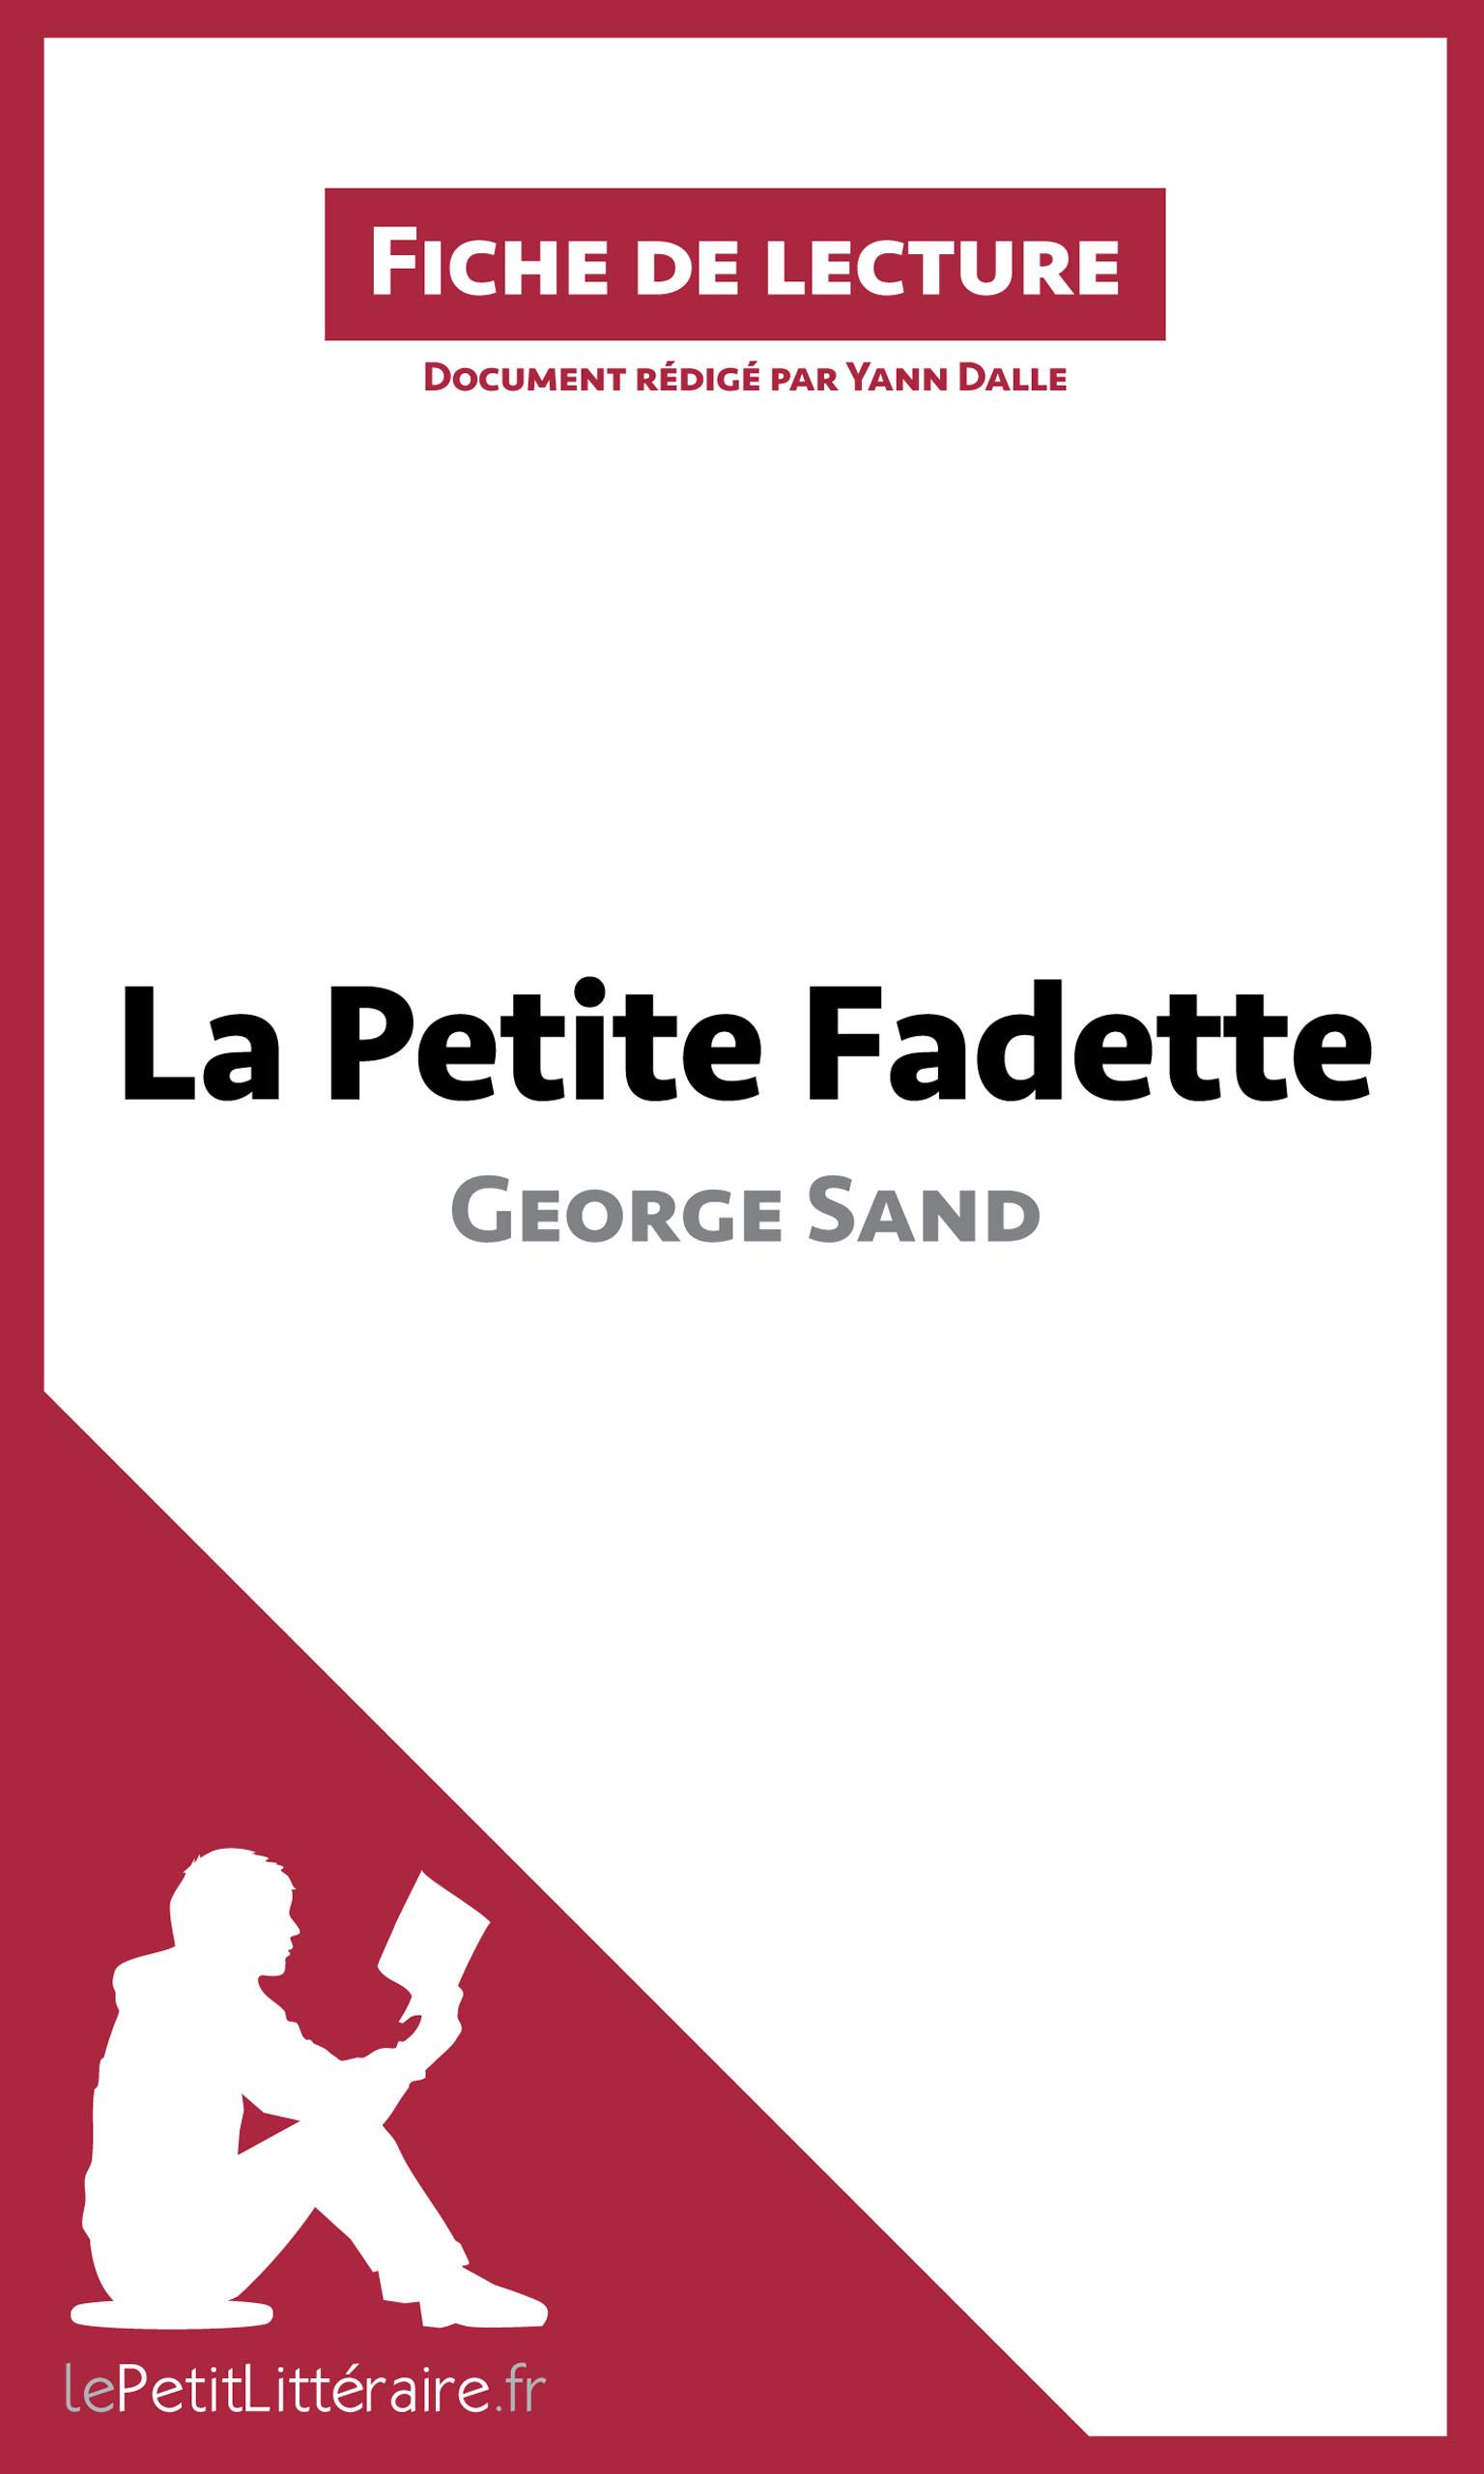 La Petite Fadette